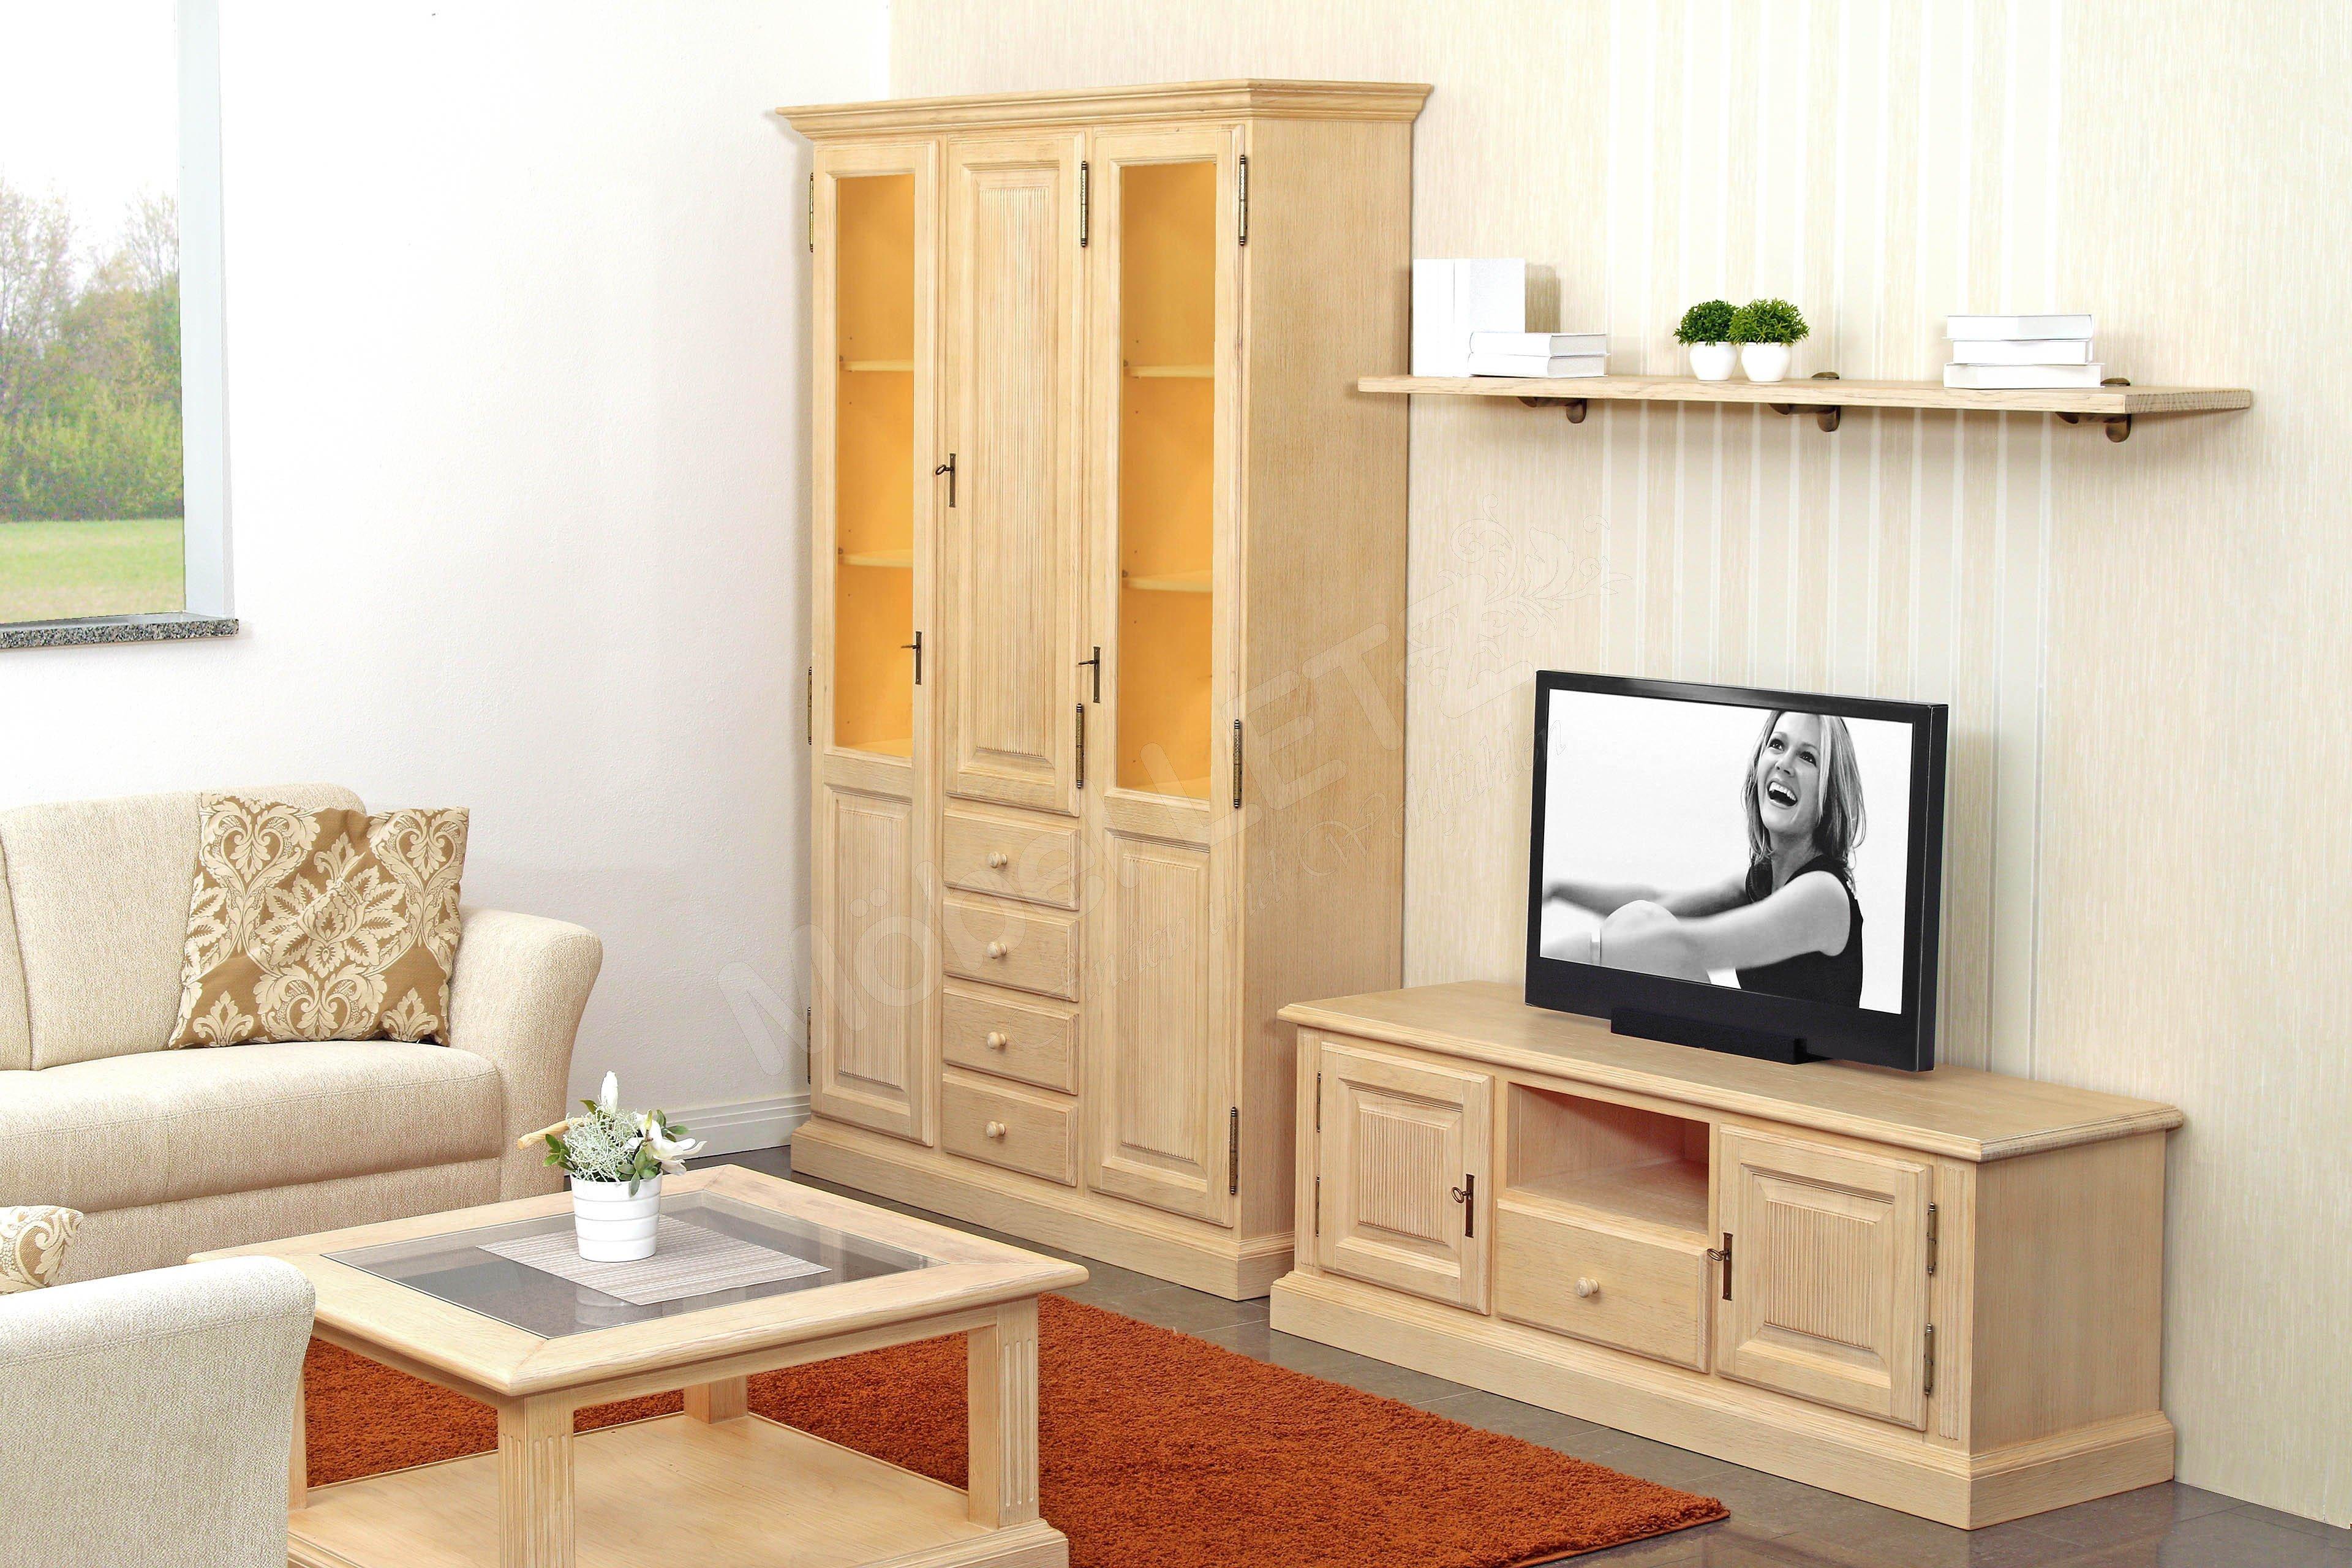 rojas mobiliario wohnwand cadiz mit beleuchtung m bel letz ihr online shop. Black Bedroom Furniture Sets. Home Design Ideas